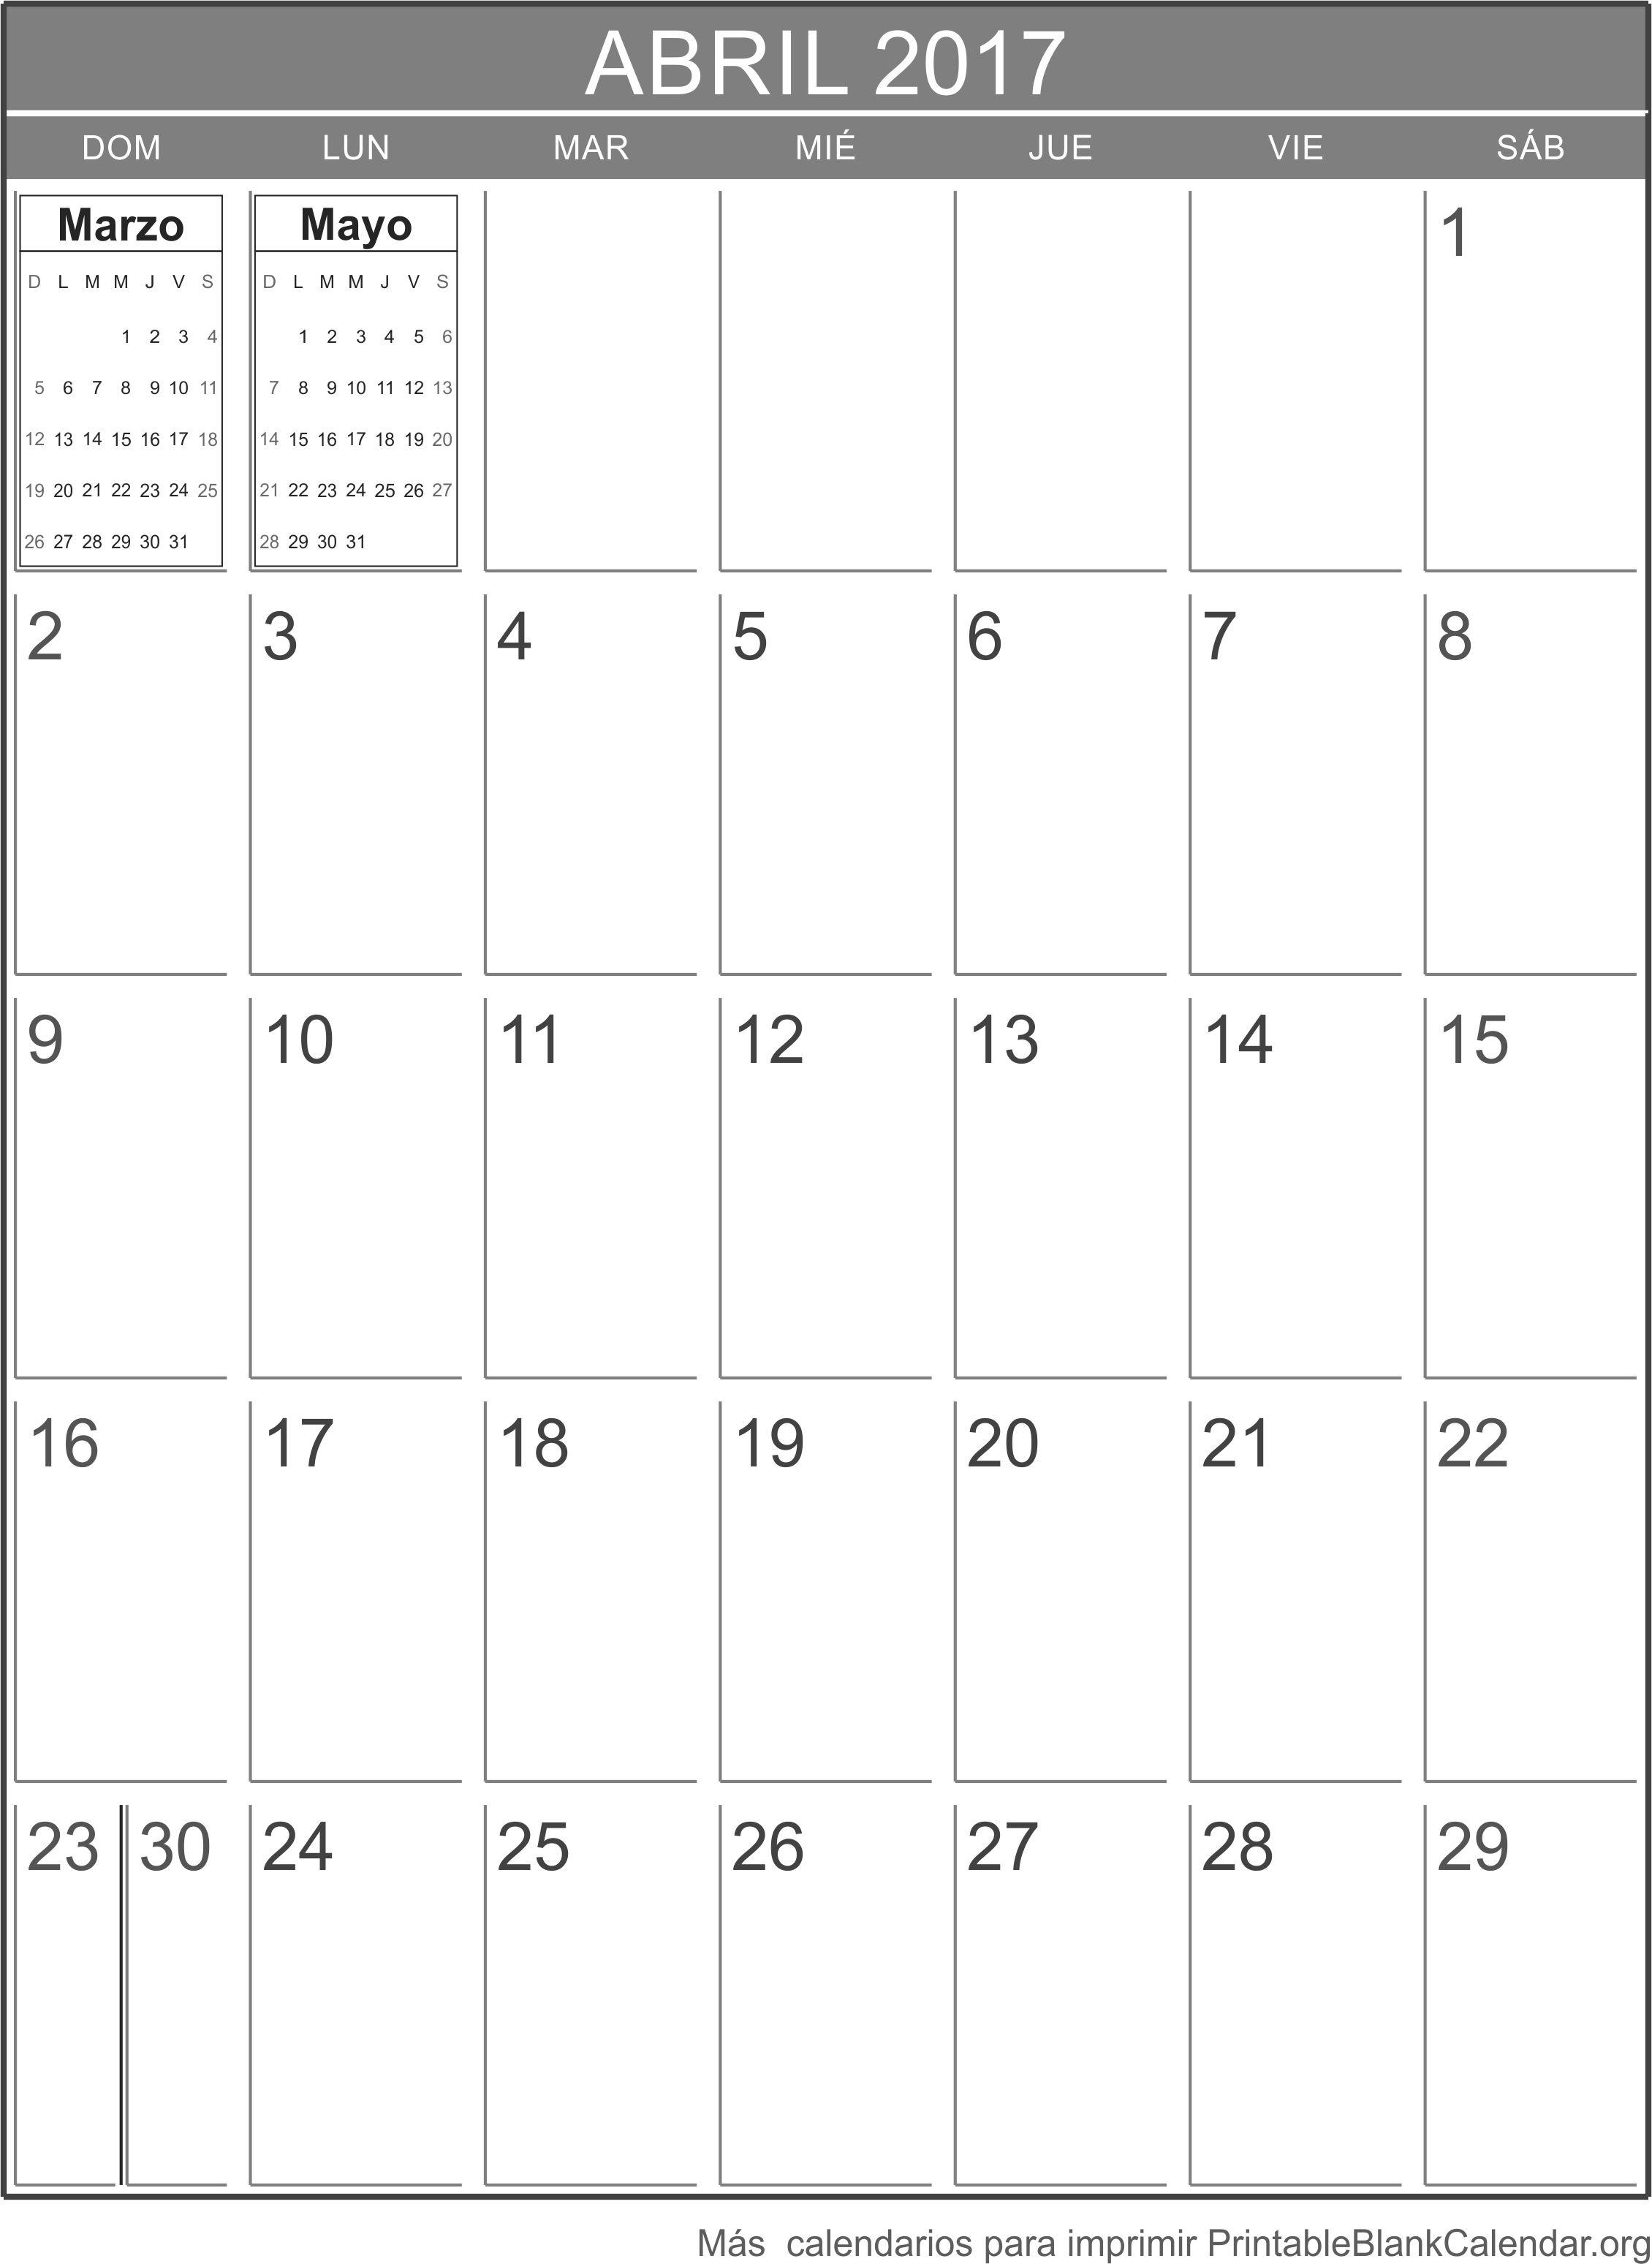 imprimir calendario abril 2017